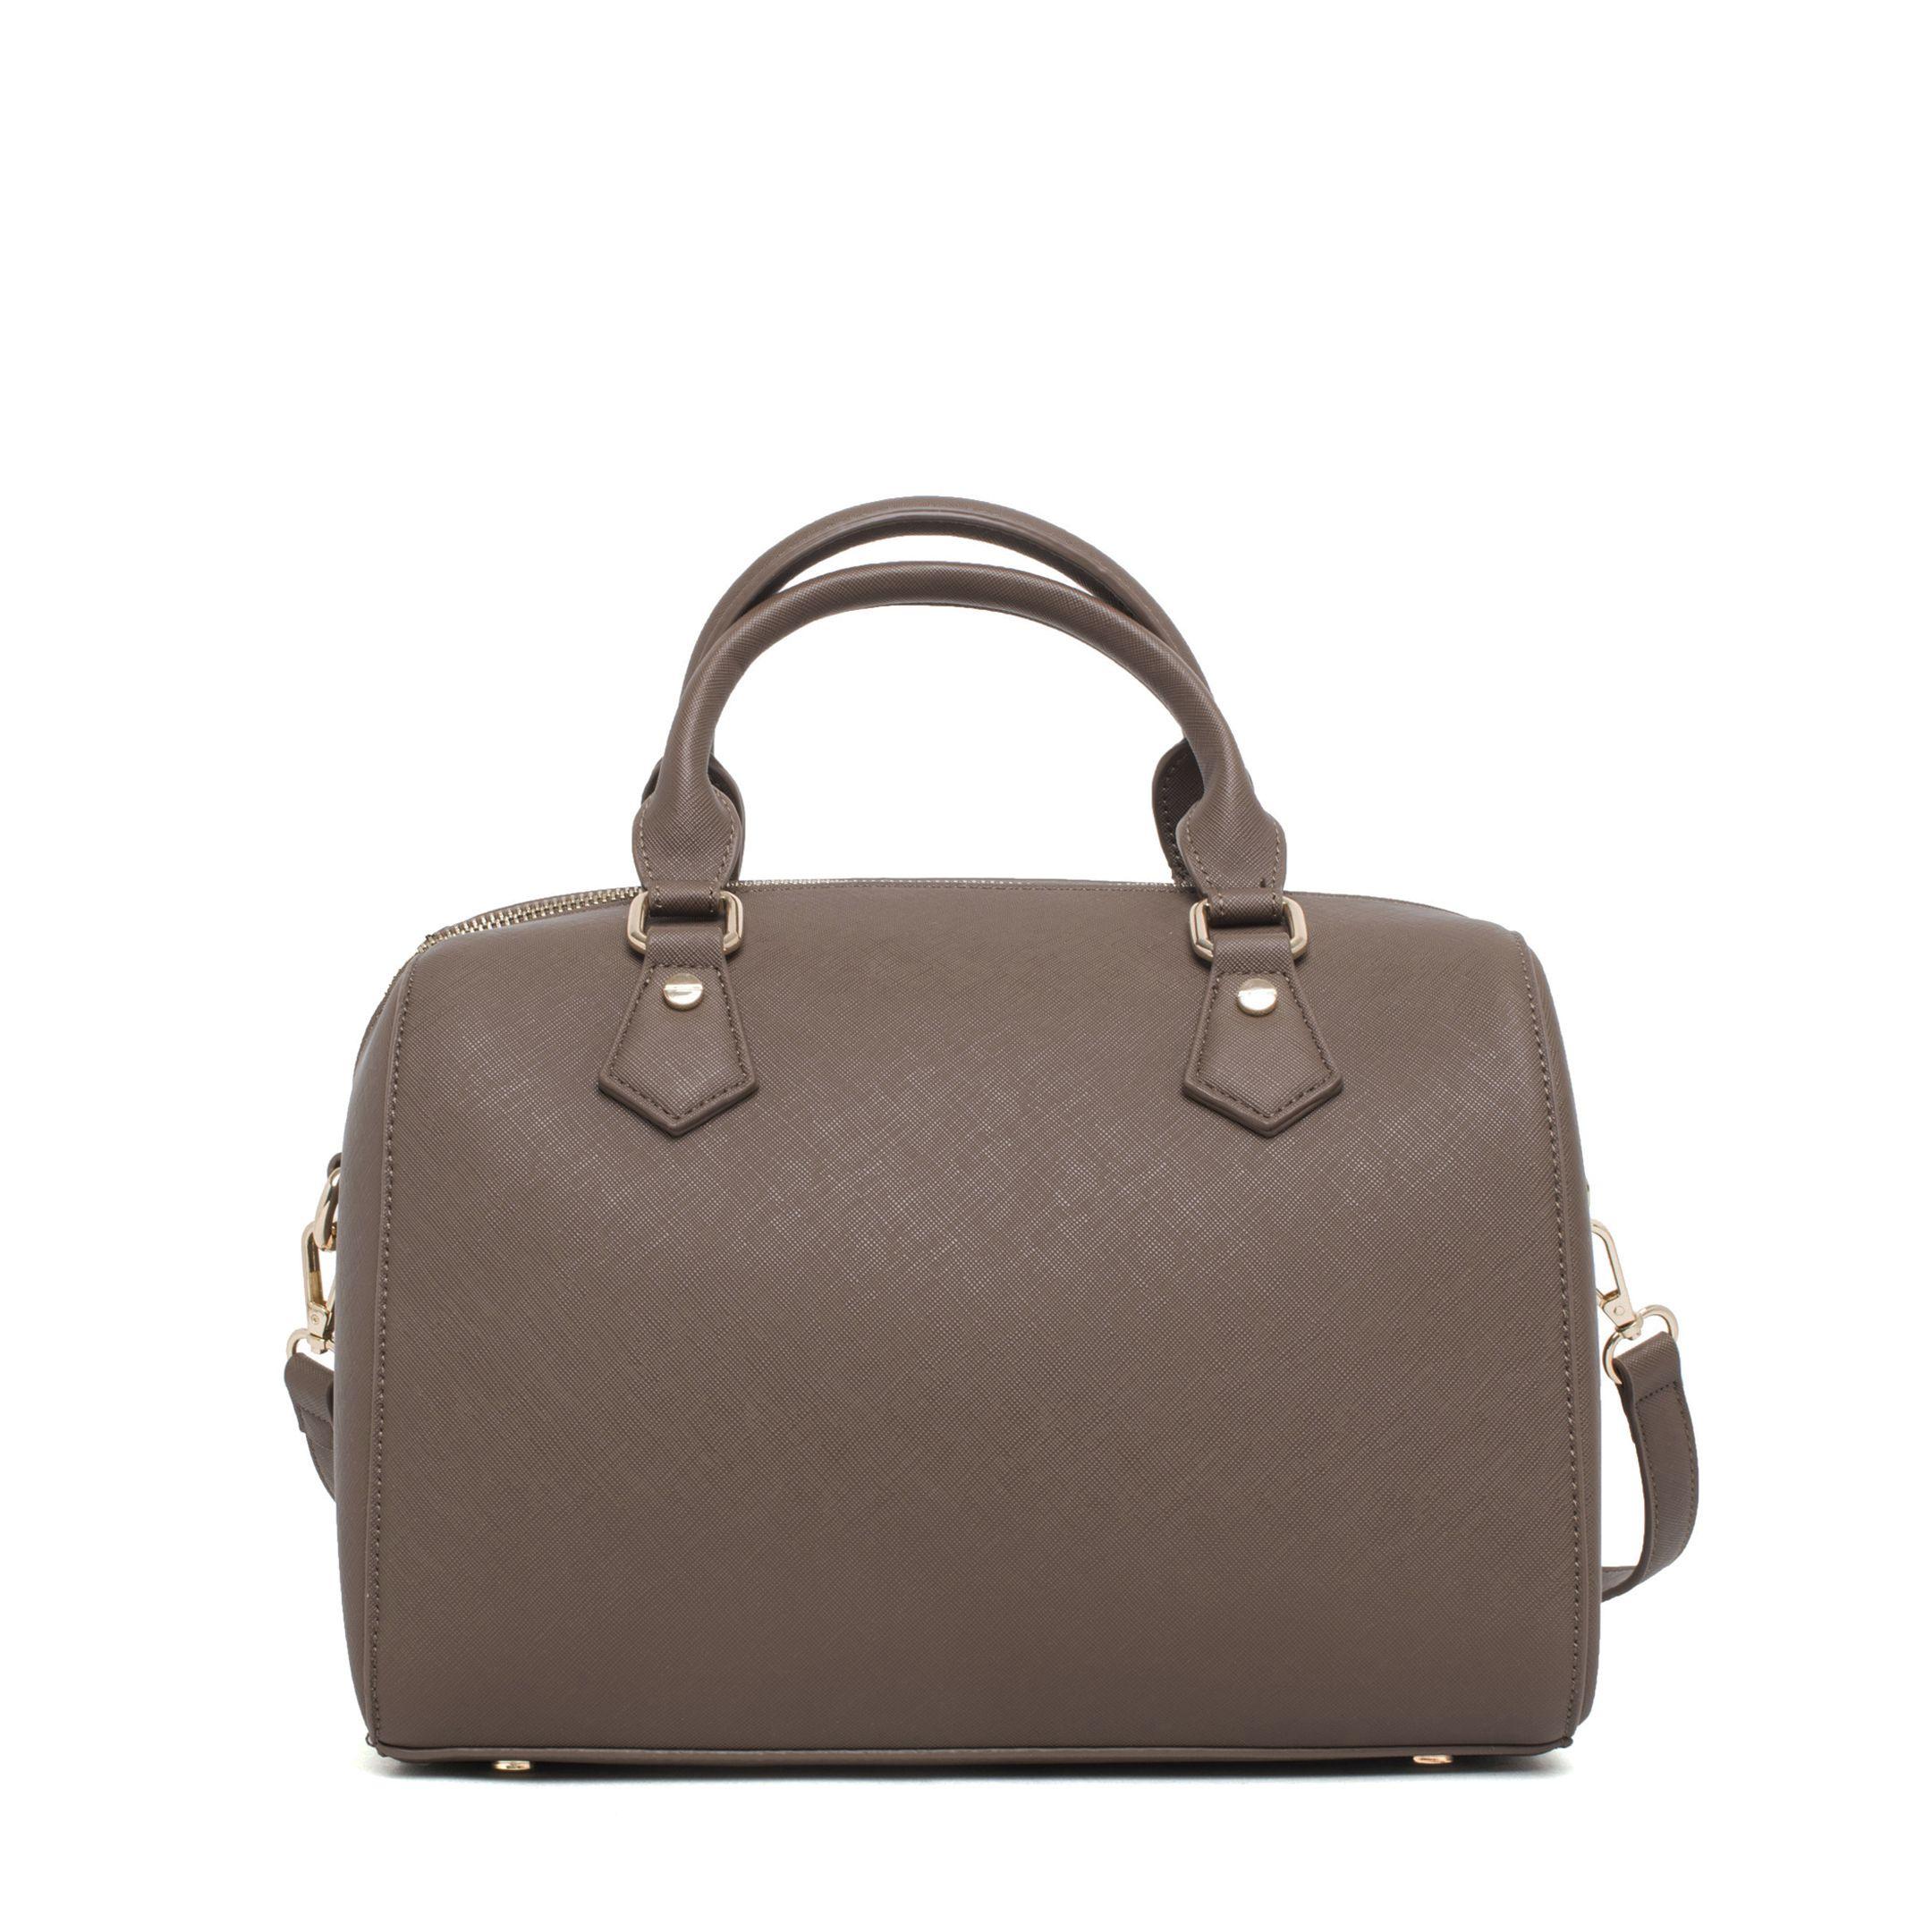 Handtaschen Trussardi – 76BTRUS103 – Braun